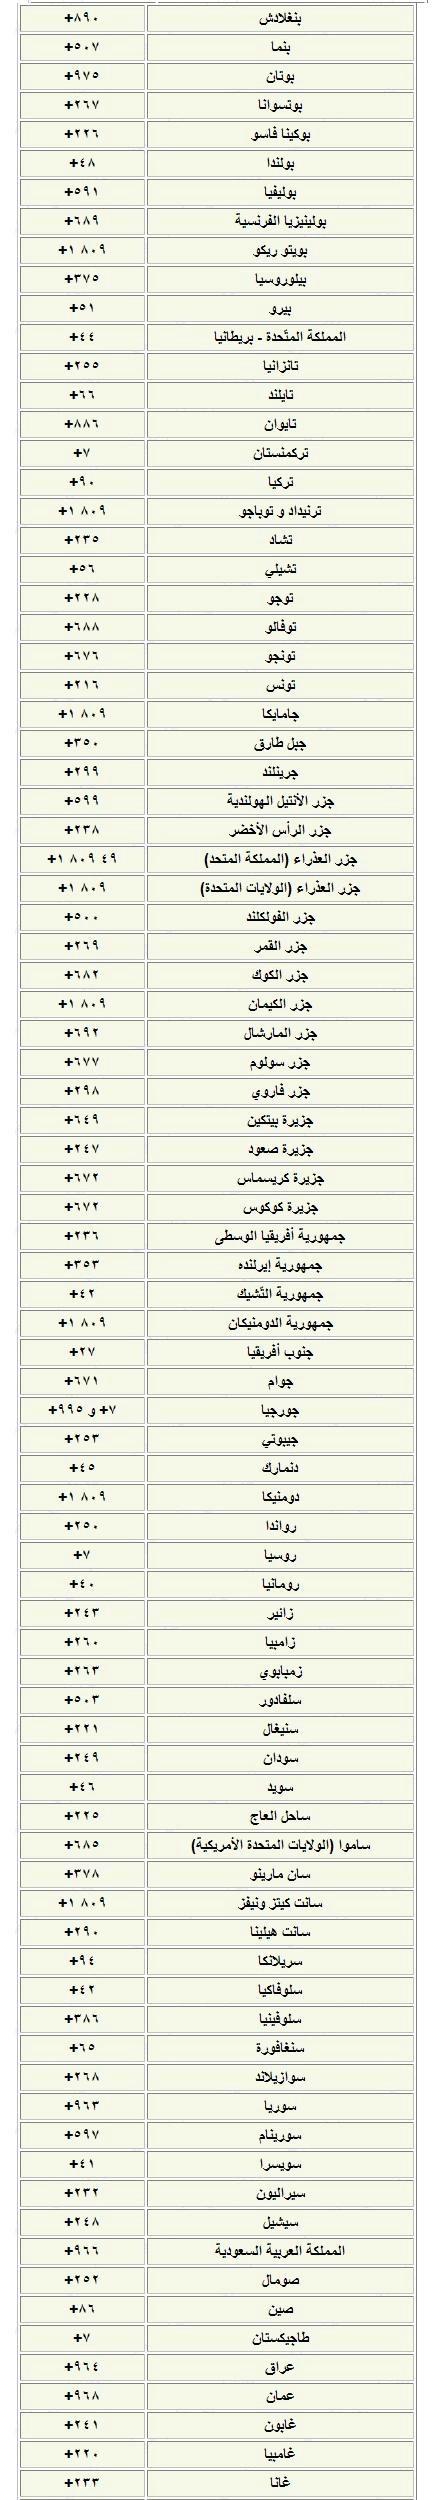 اتعرف على رمز كل دولة ,رموز الدول العربية